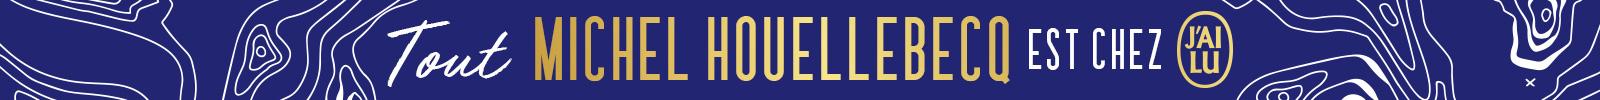 Bandeau Janvier 2019 - Michel Houellebecq